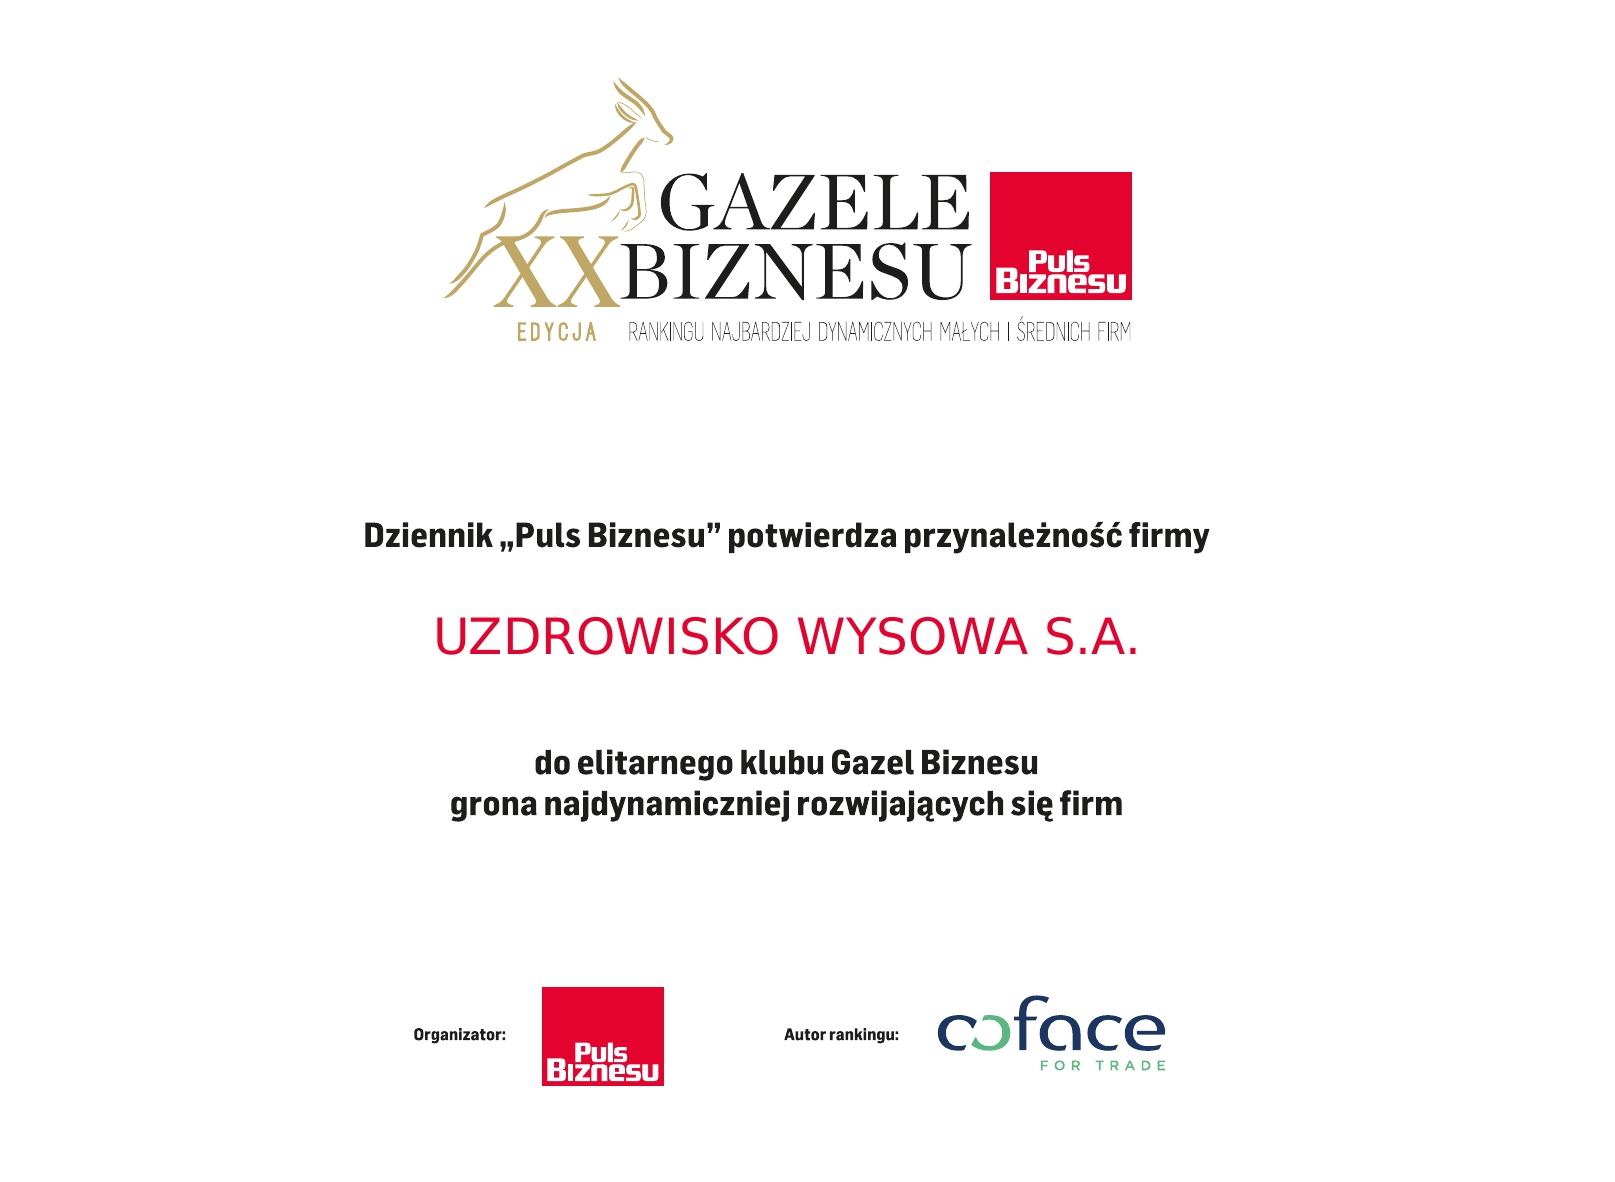 Dyplom Gazeli Biznesu 2019